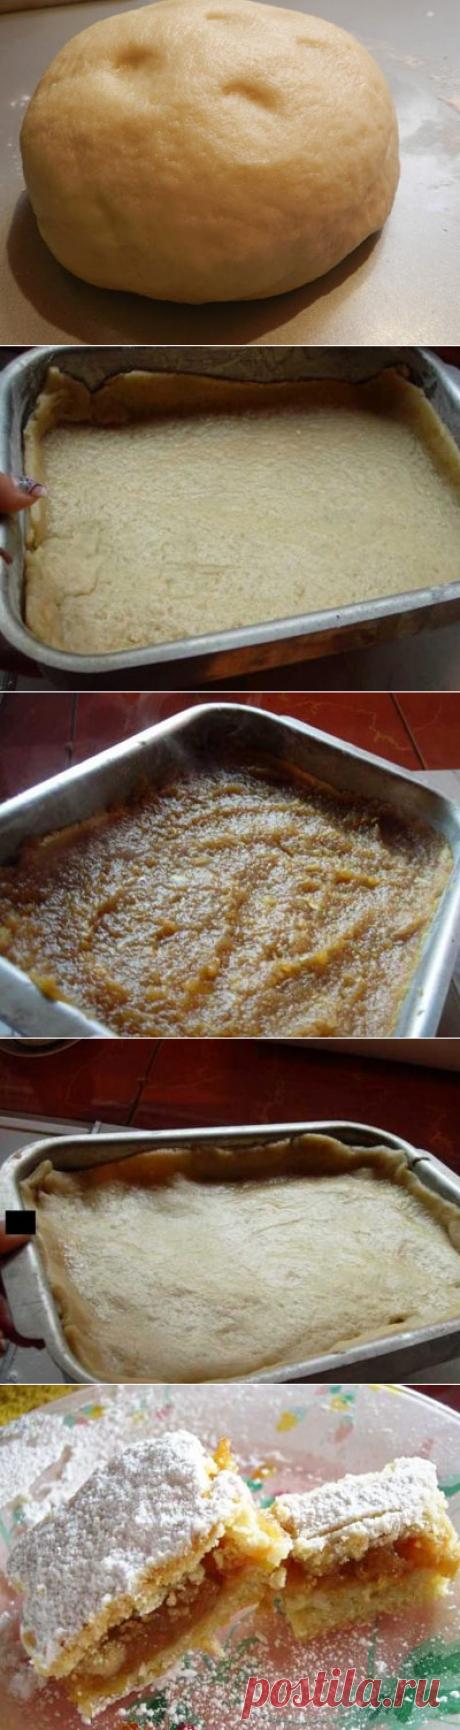 Турецкий яблочный пирог - остается долго свежим и супер сочным! | Четыре вкуса